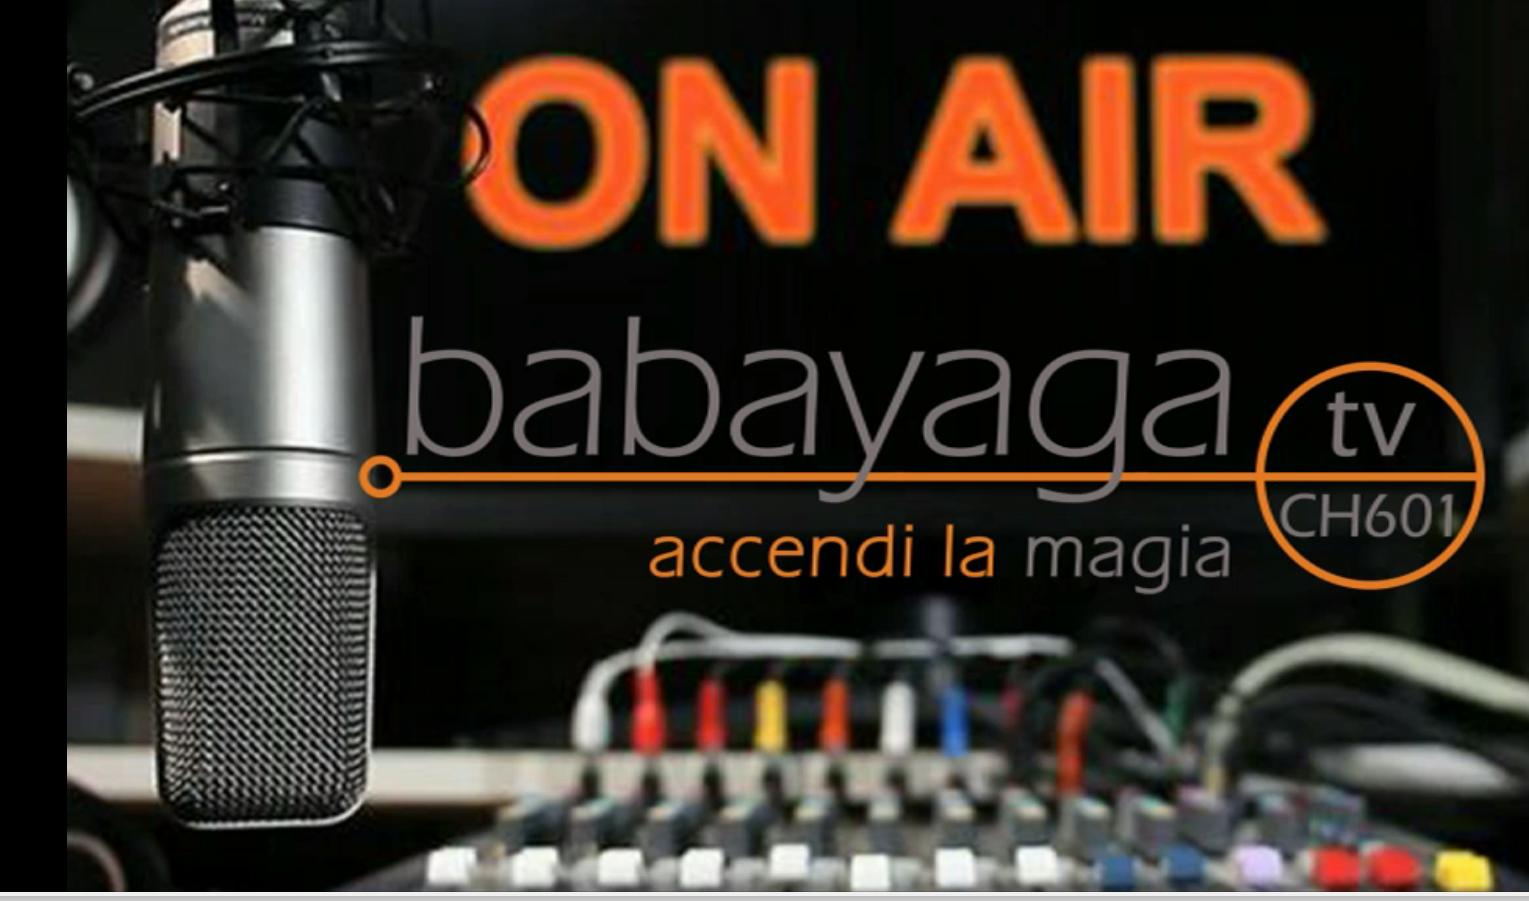 Baba Yaga 1 - Radio locali. Continua l'uscita di scena dalla FM: a Milano Babayaga lascia spazio a Bruno. A Mantova a Radio Laghi succede RDS. Ecco il quadro delle decisioni